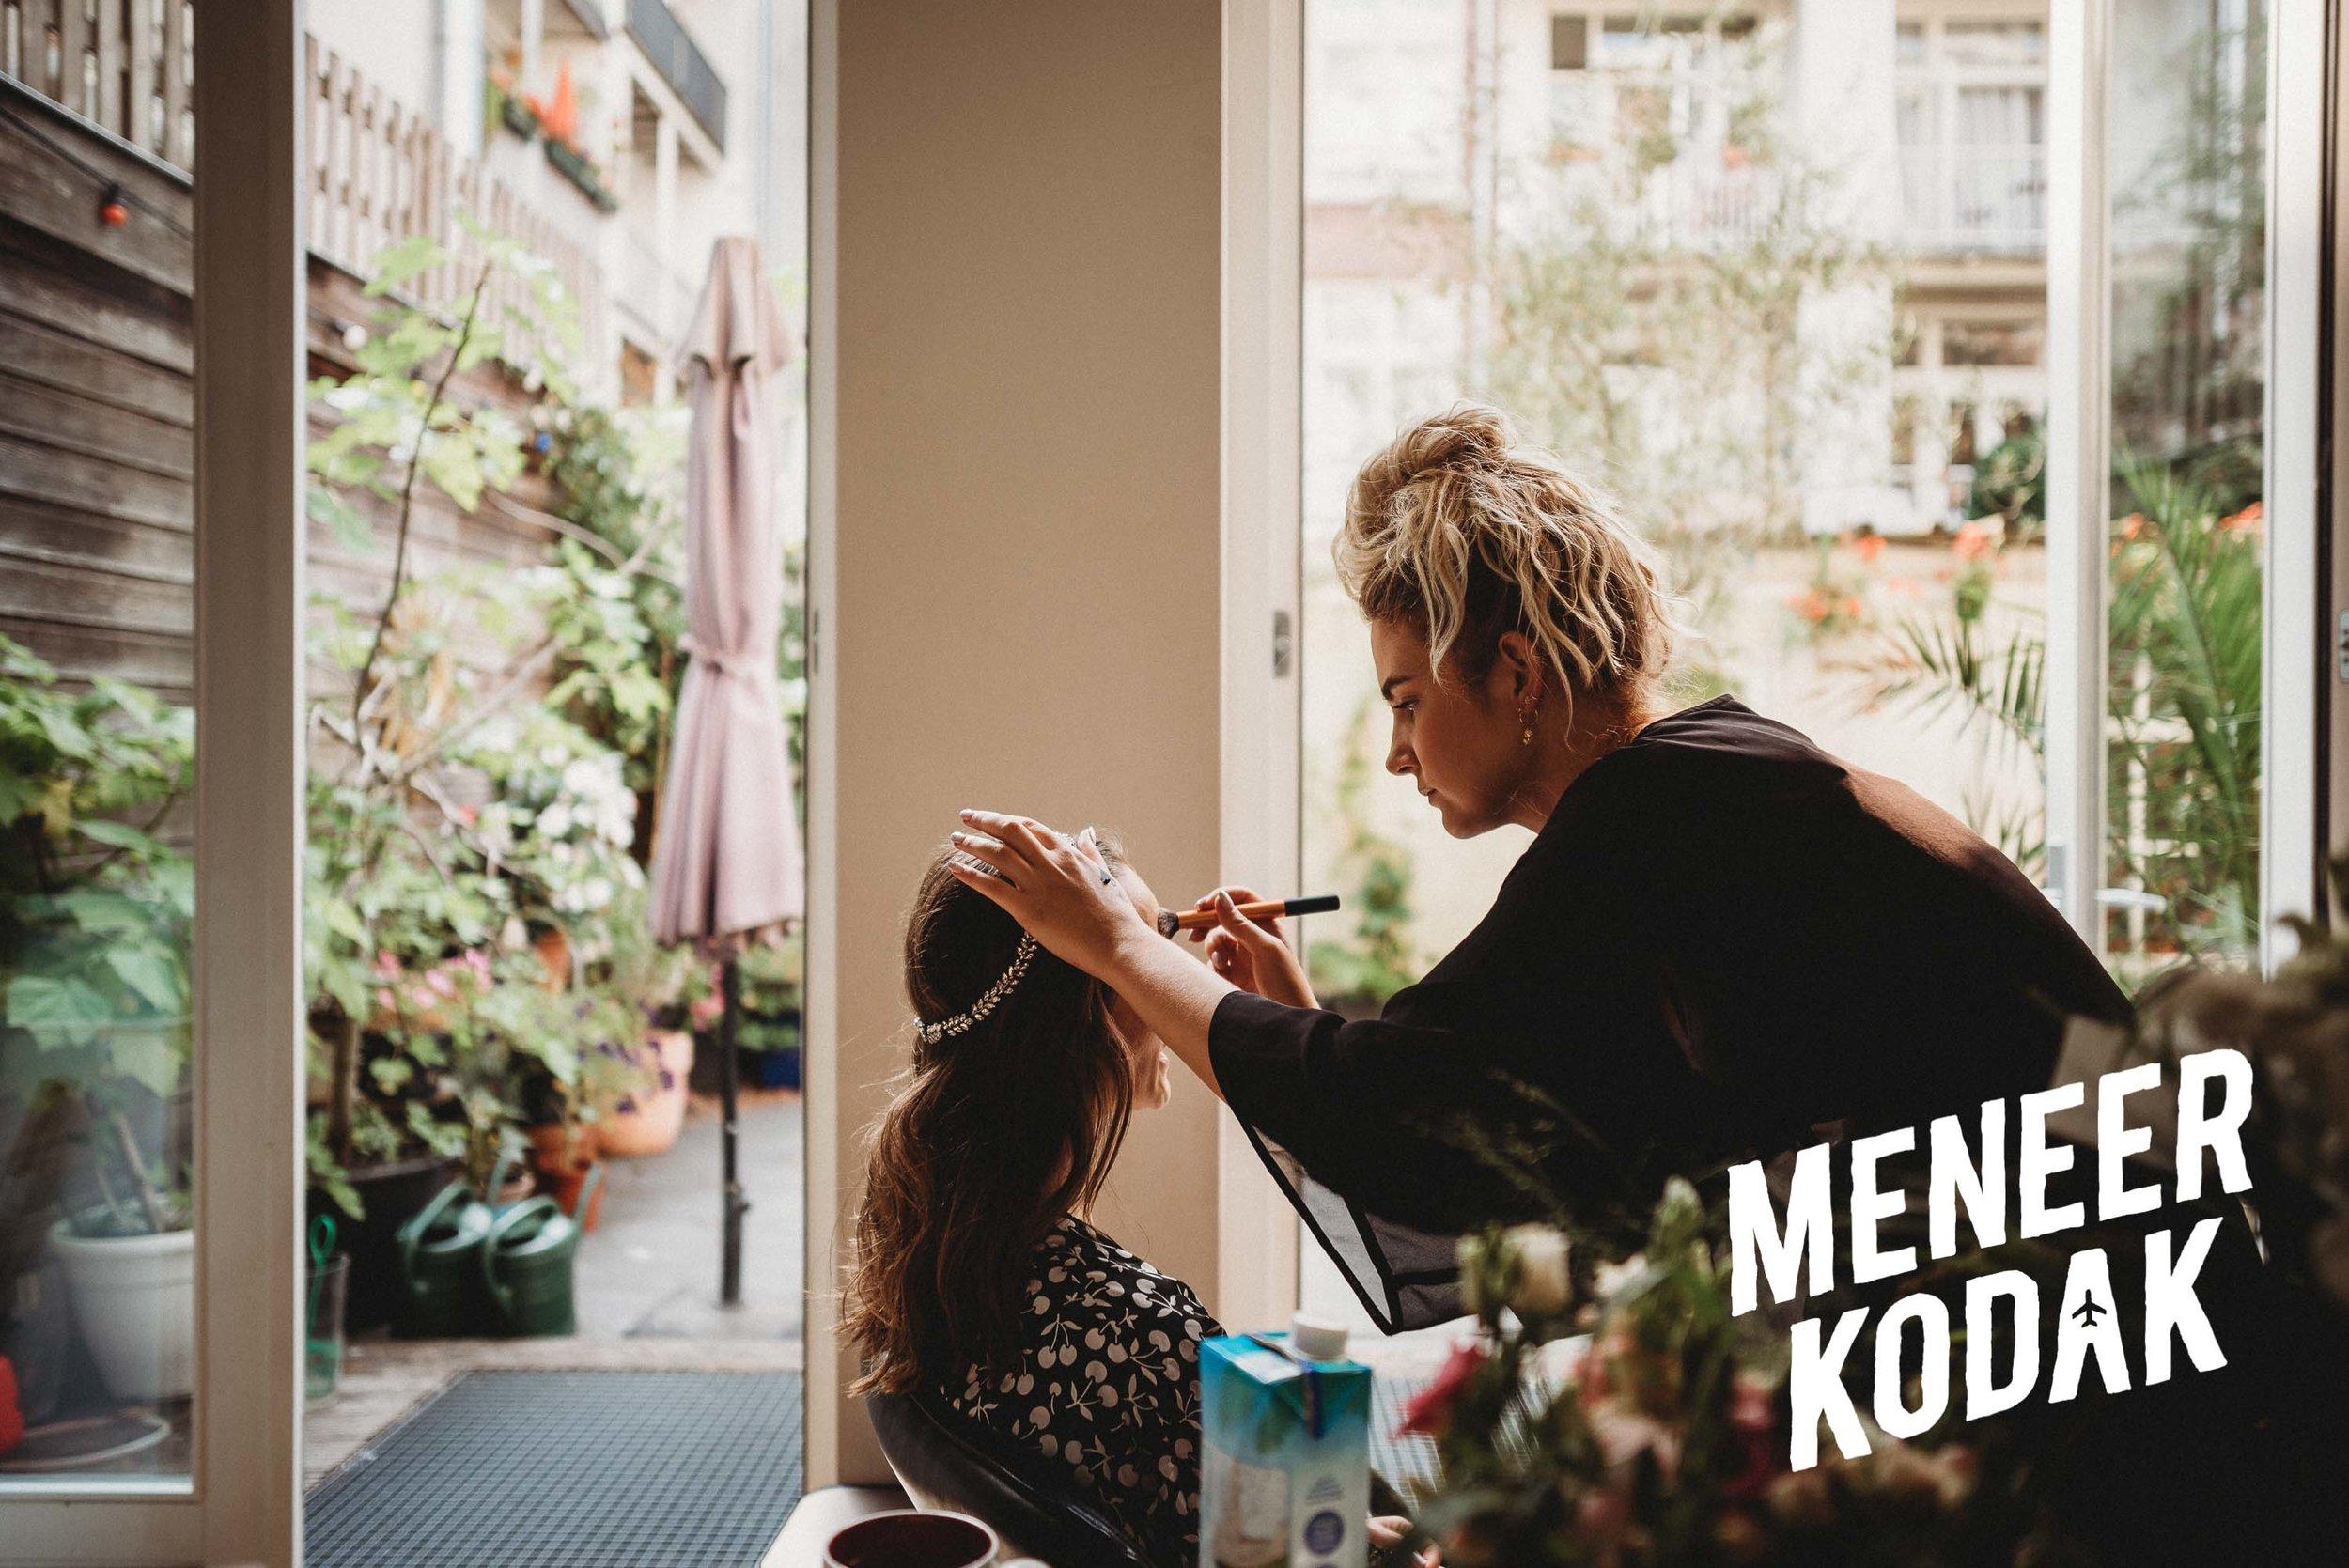 Meneer Kodak - Trouwfotograaf - Amsterdam - H&T-013.jpg